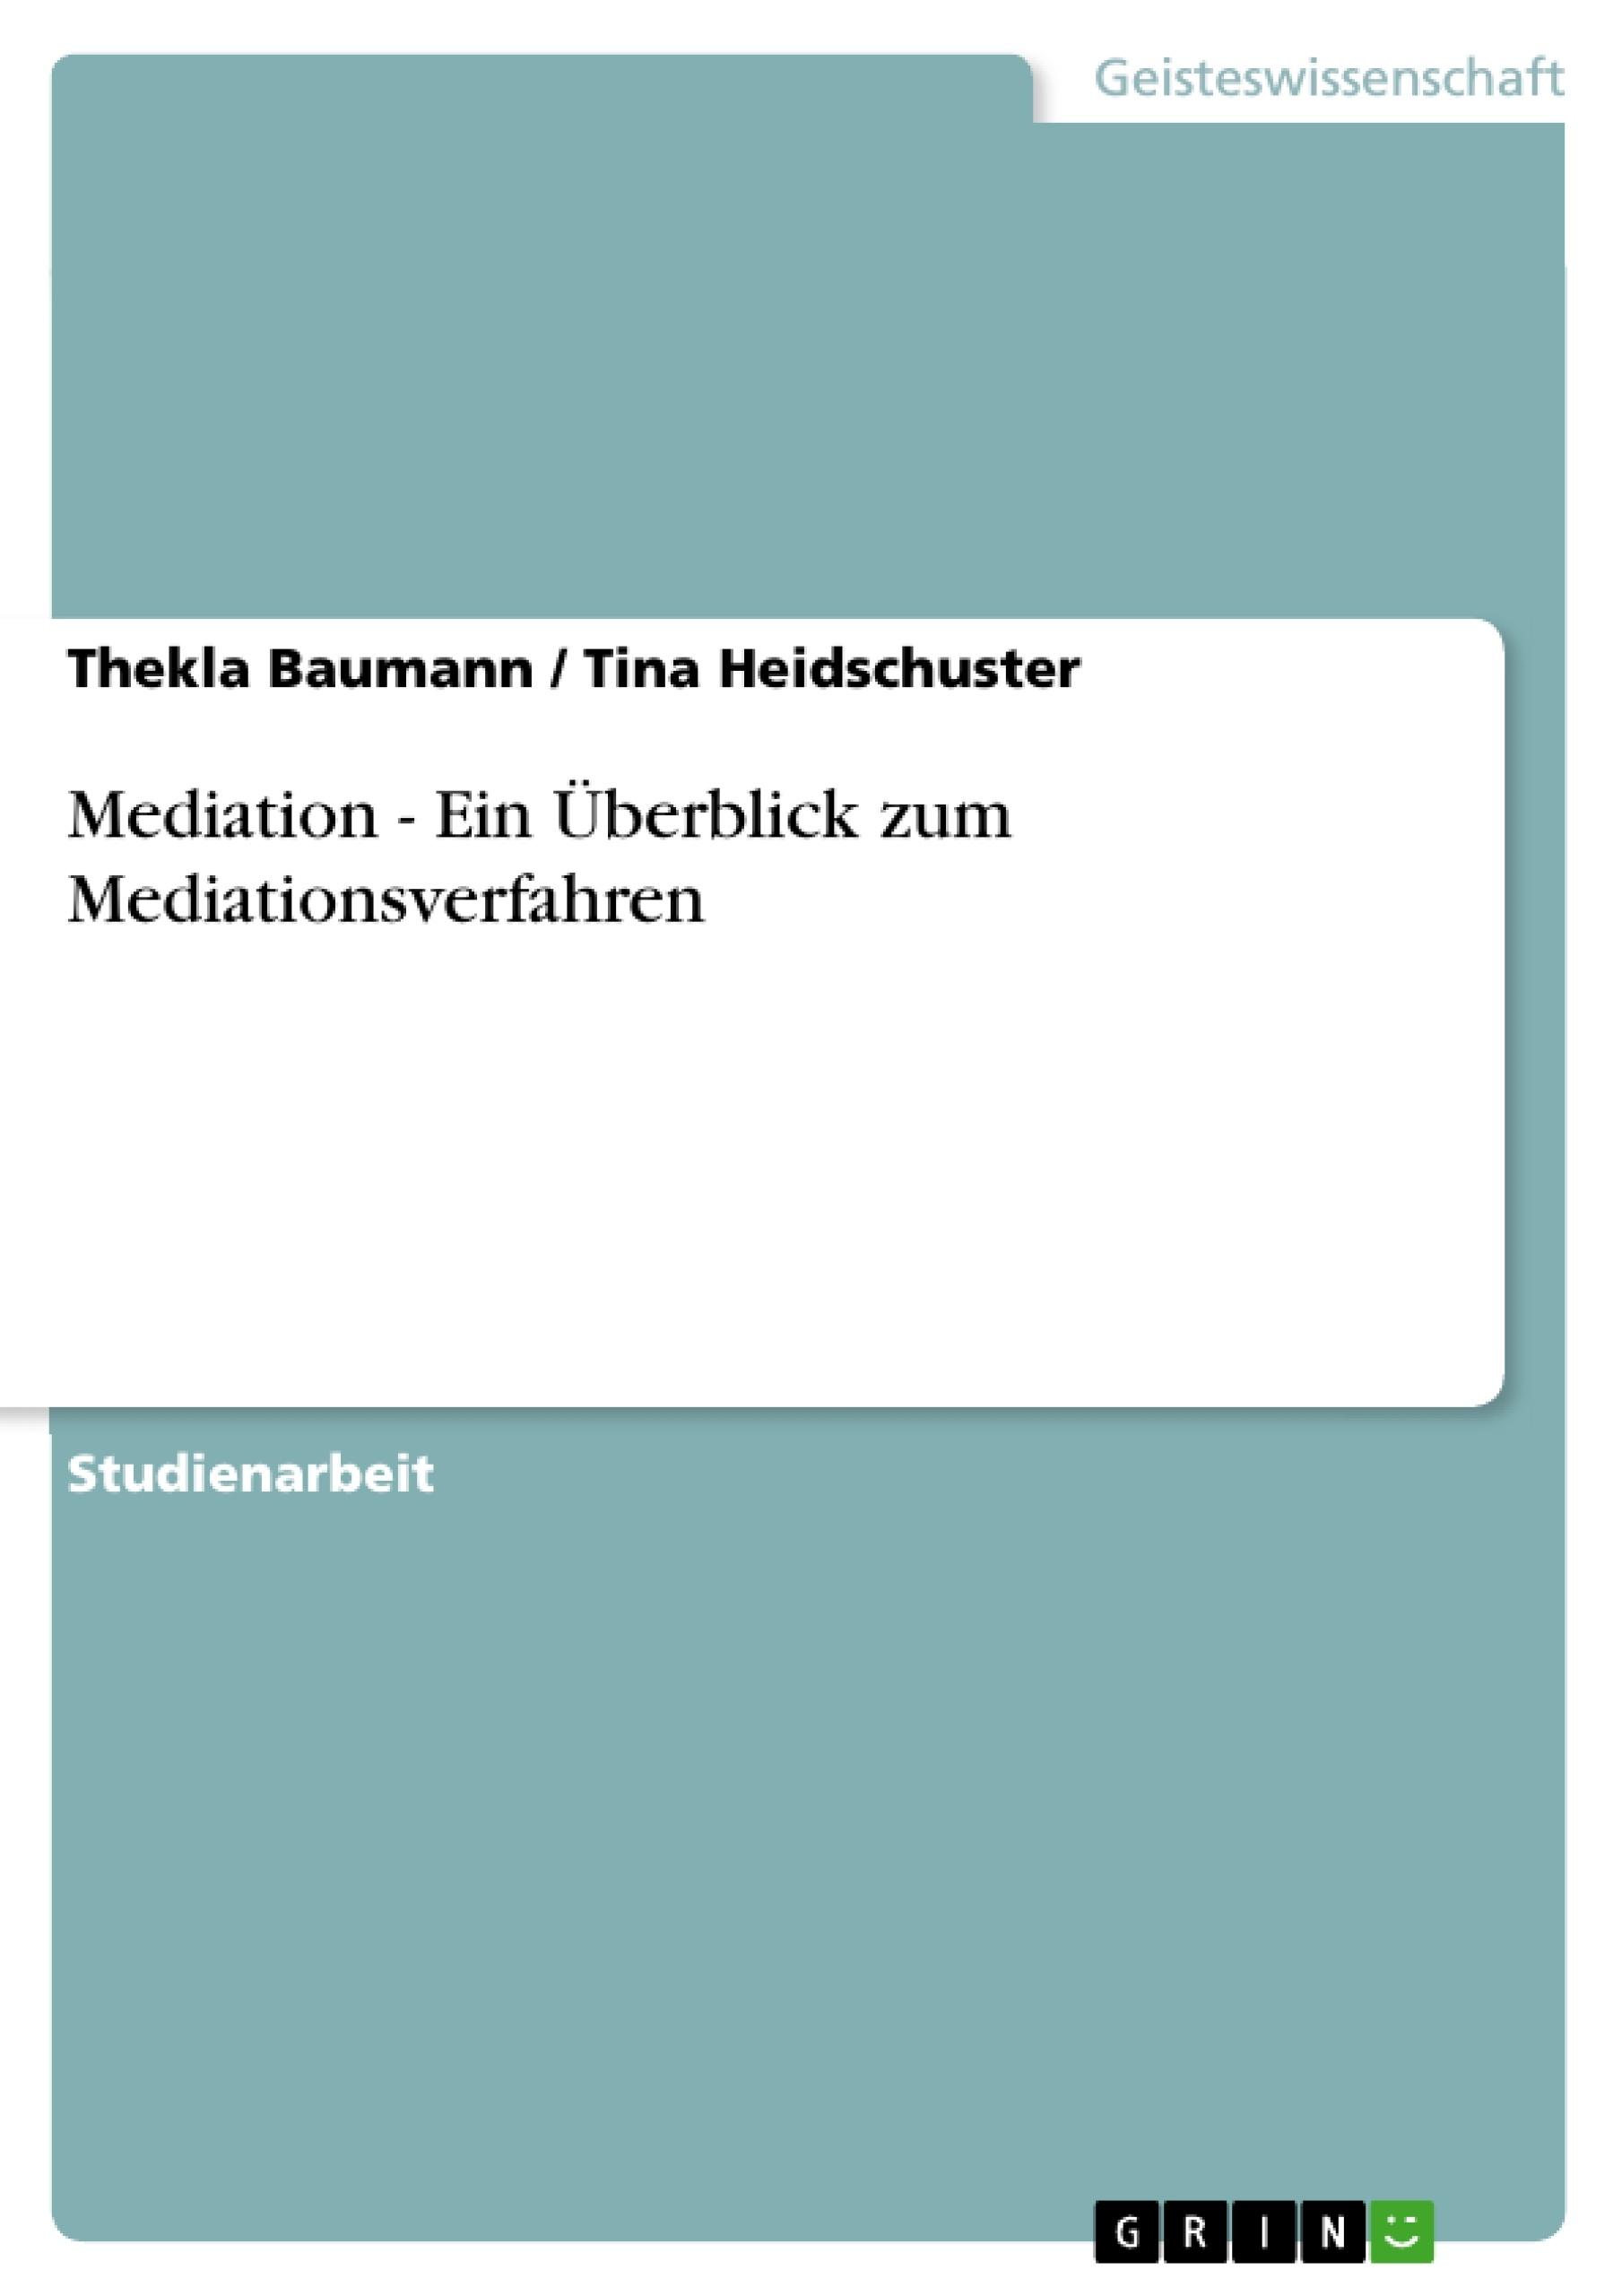 Titel: Mediation - Ein Überblick zum Mediationsverfahren